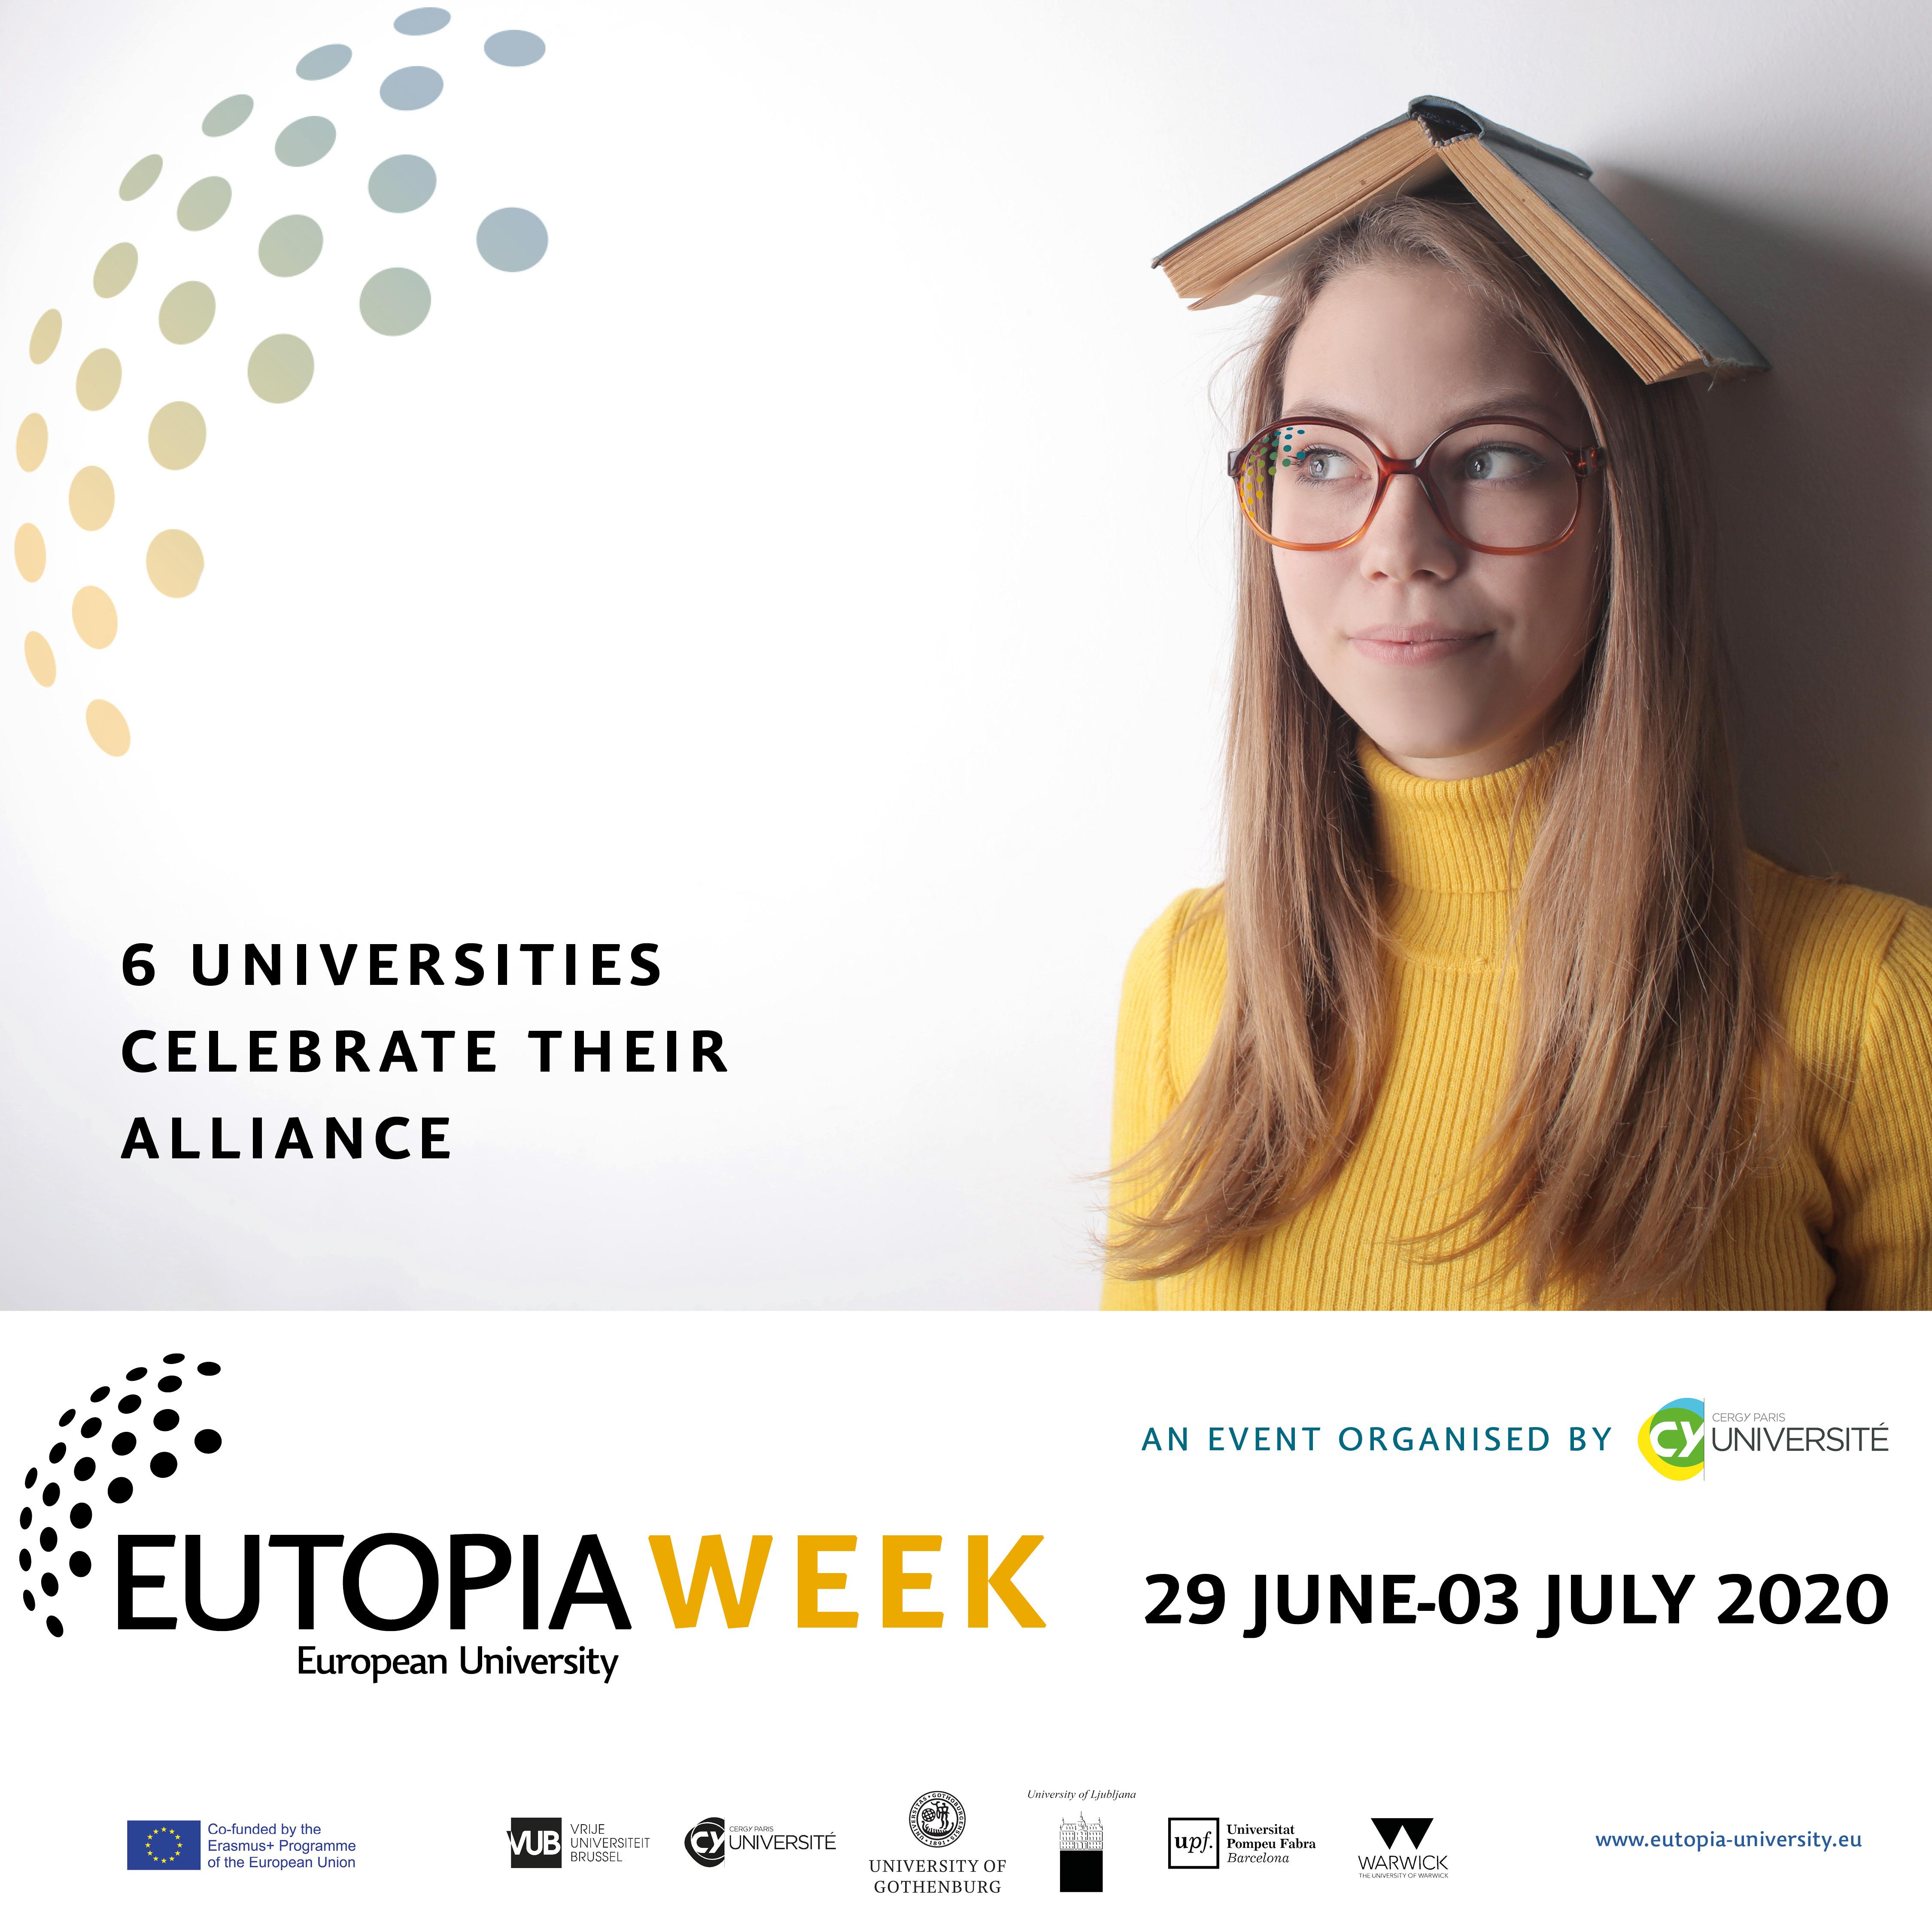 Eutopia E-WEEK CY